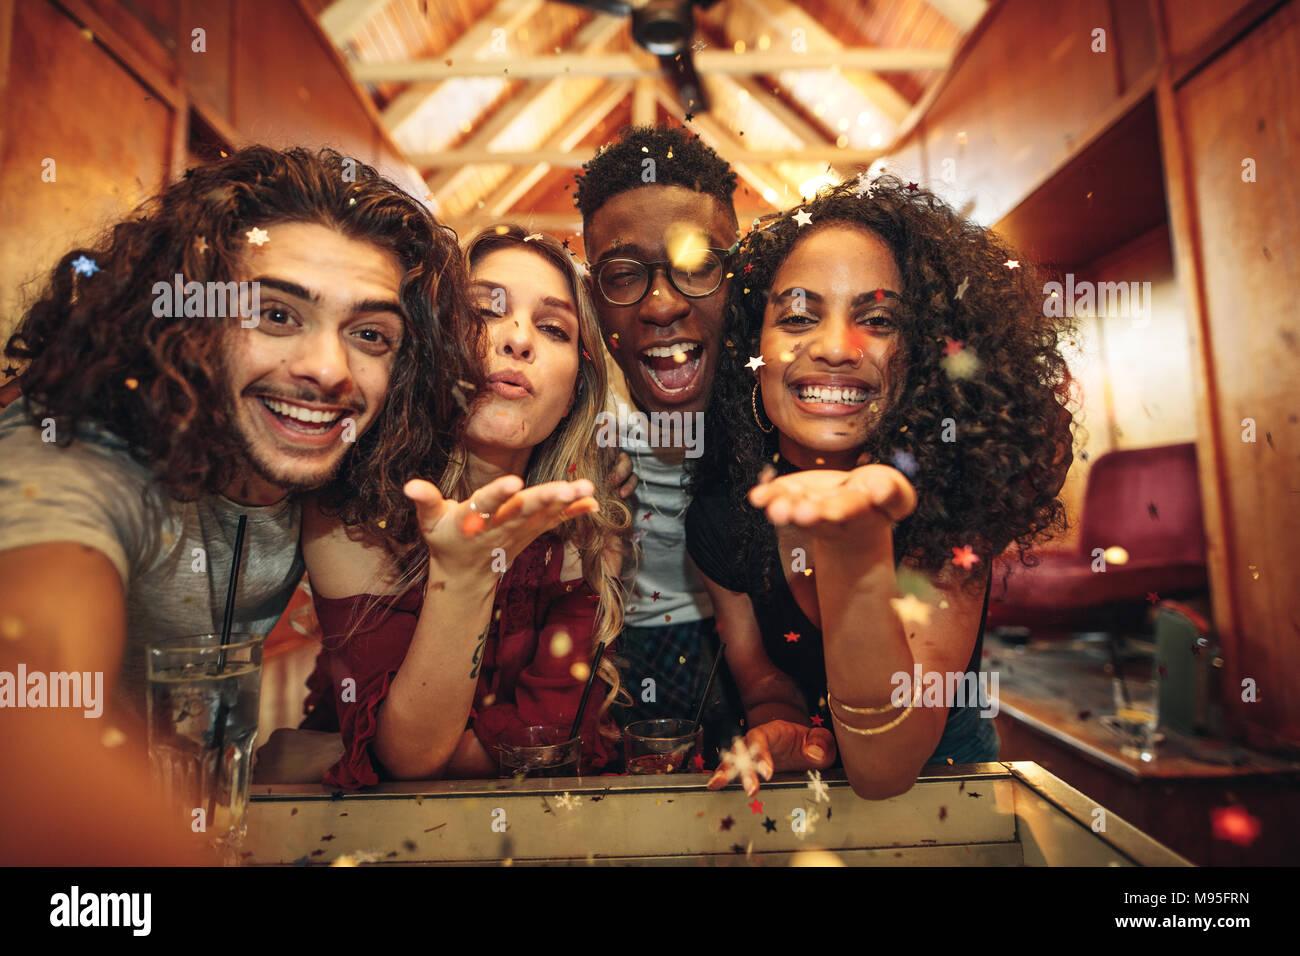 Grupo de amigos disfrutando de un partido y soplando confetti. Hombres y mujeres capturar la diversión en selfie en discoteca. Imagen De Stock